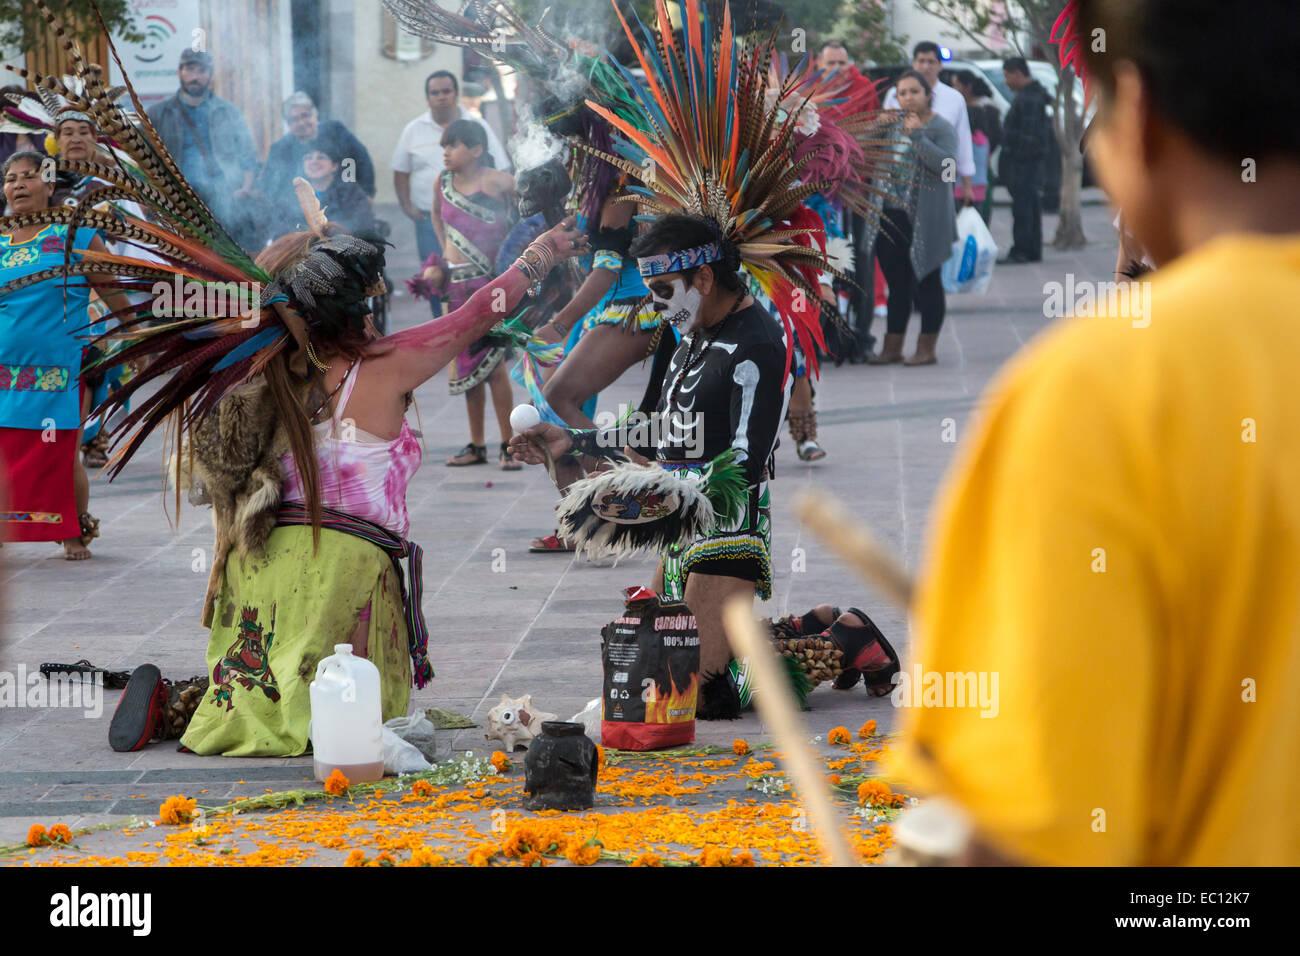 Concheros dancers performing a traditional dance and ceremony on dia de los muertos in Queretaro, Mexico. Stock Photo